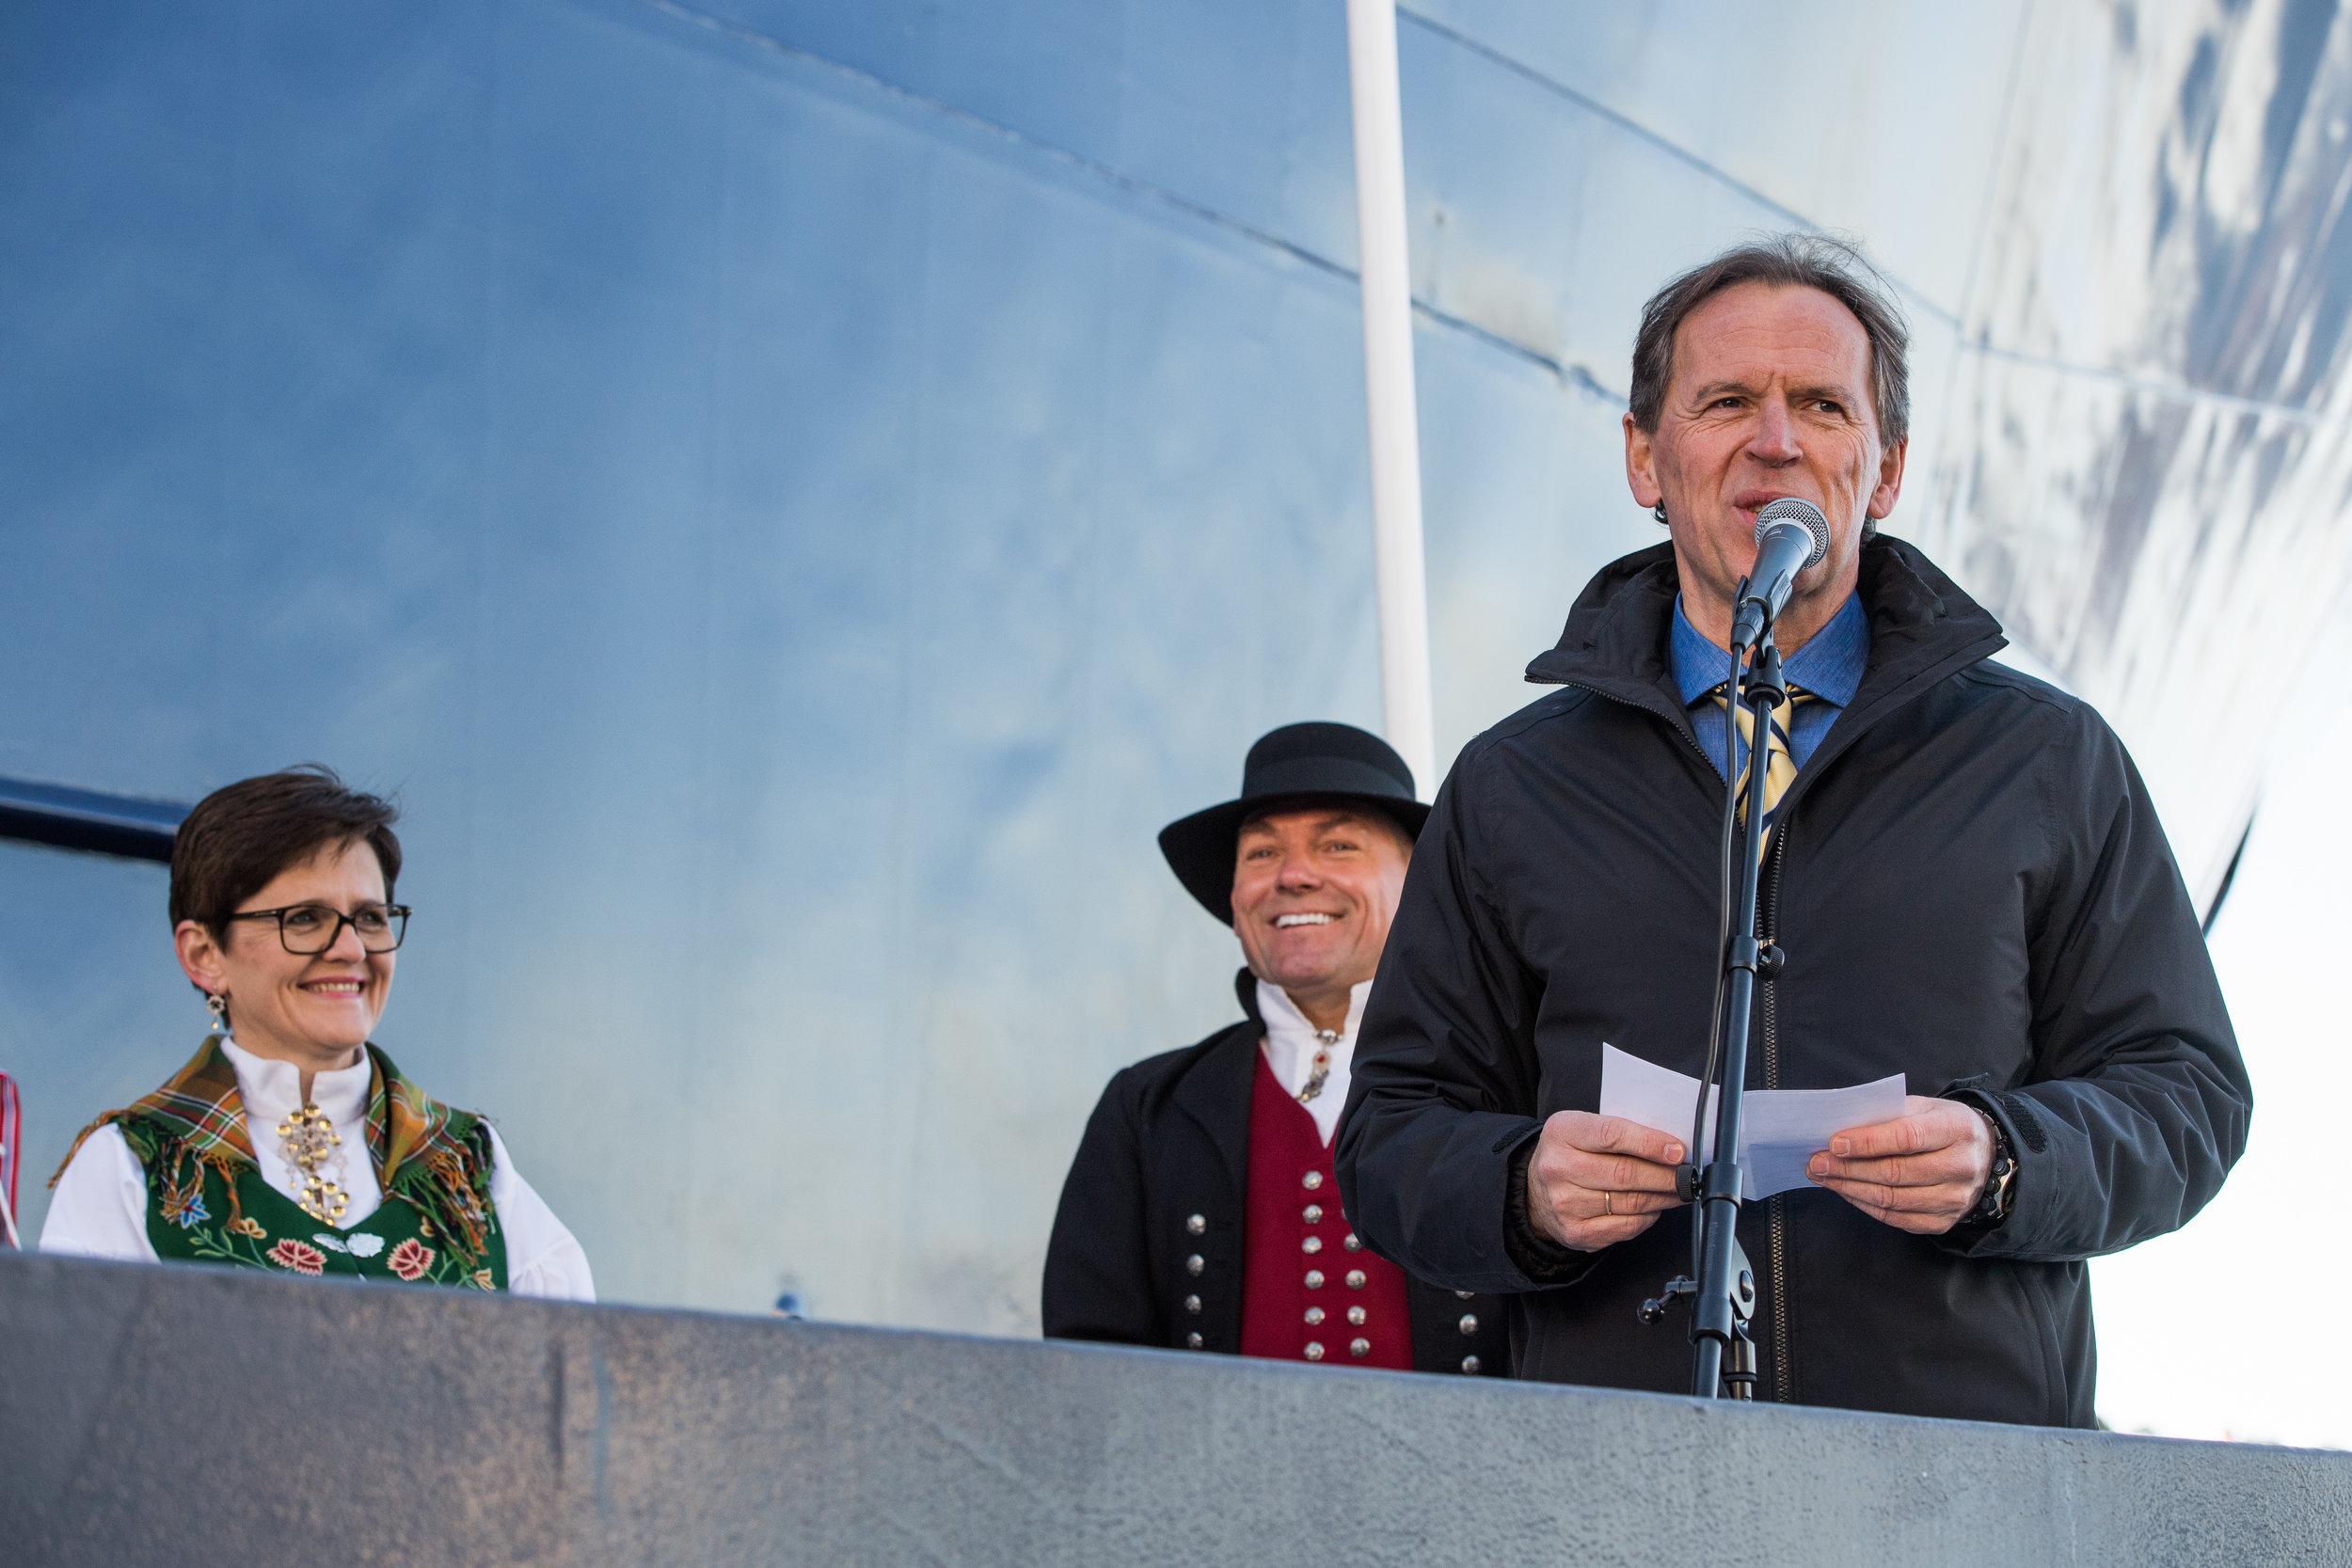 From left: Lady Sponsor Lisbeth Berg-Hansen, CEO of Sølvtrans Roger Halsebakk and CEO of Kleven Yard Ståle Rasmussen.